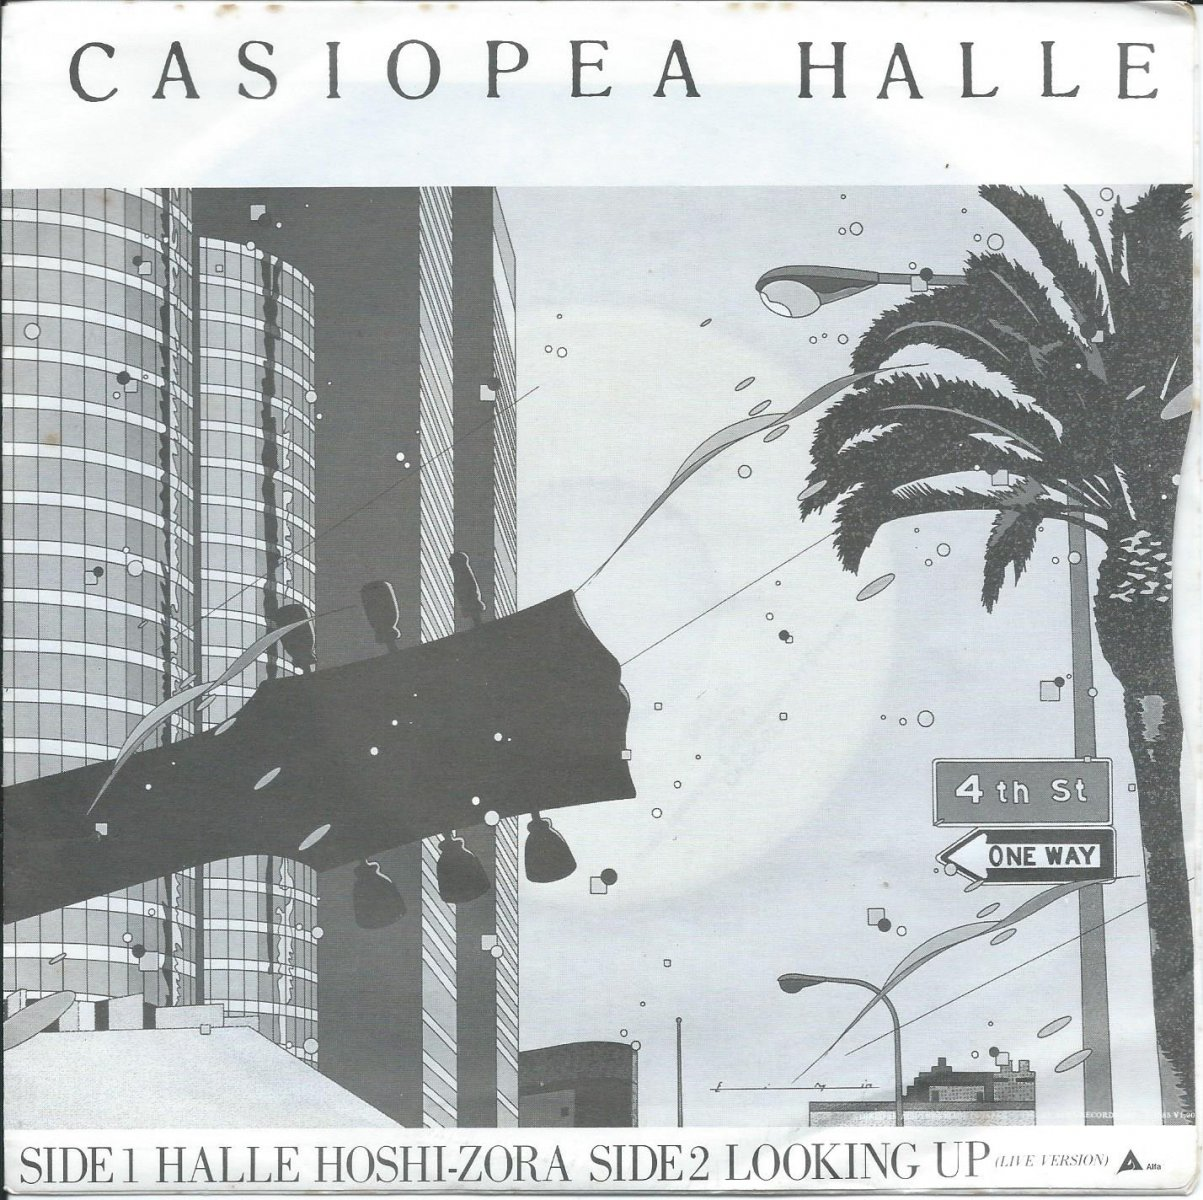 カシオペア CASIOPEA / HALLE / HOSHI-ZORA (7